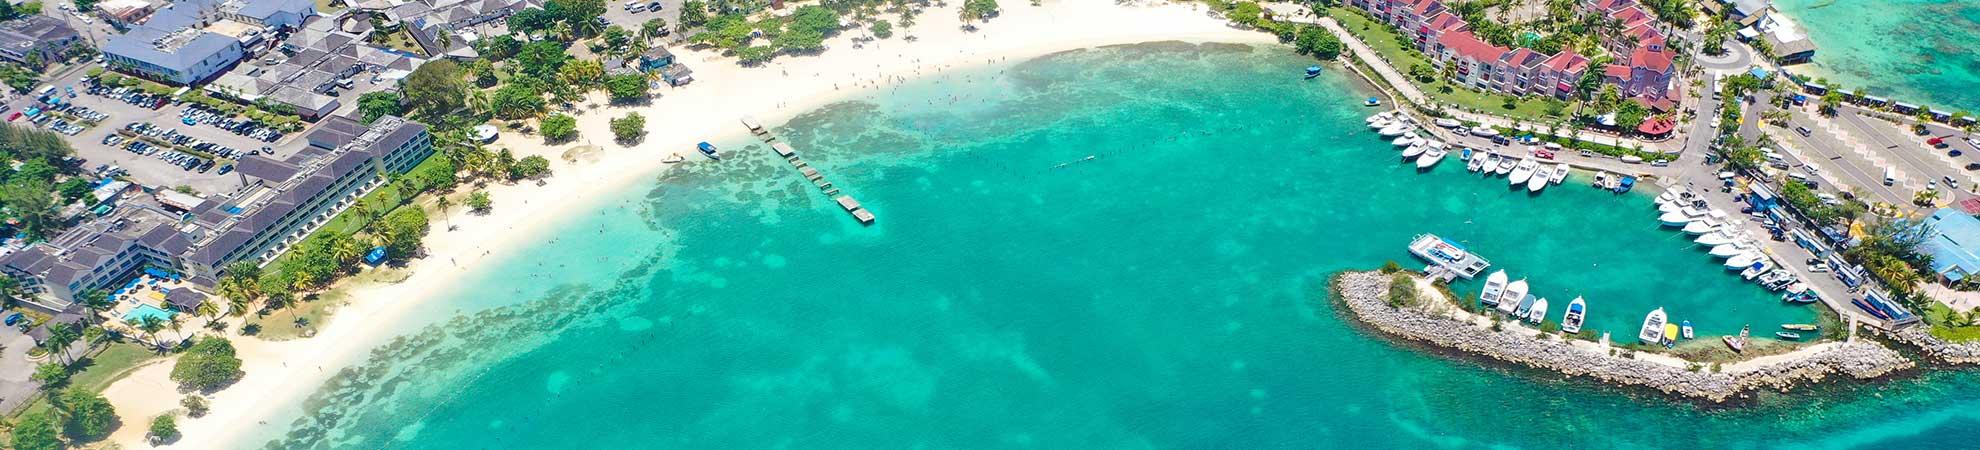 Voyage aux Bahamas tout inclus